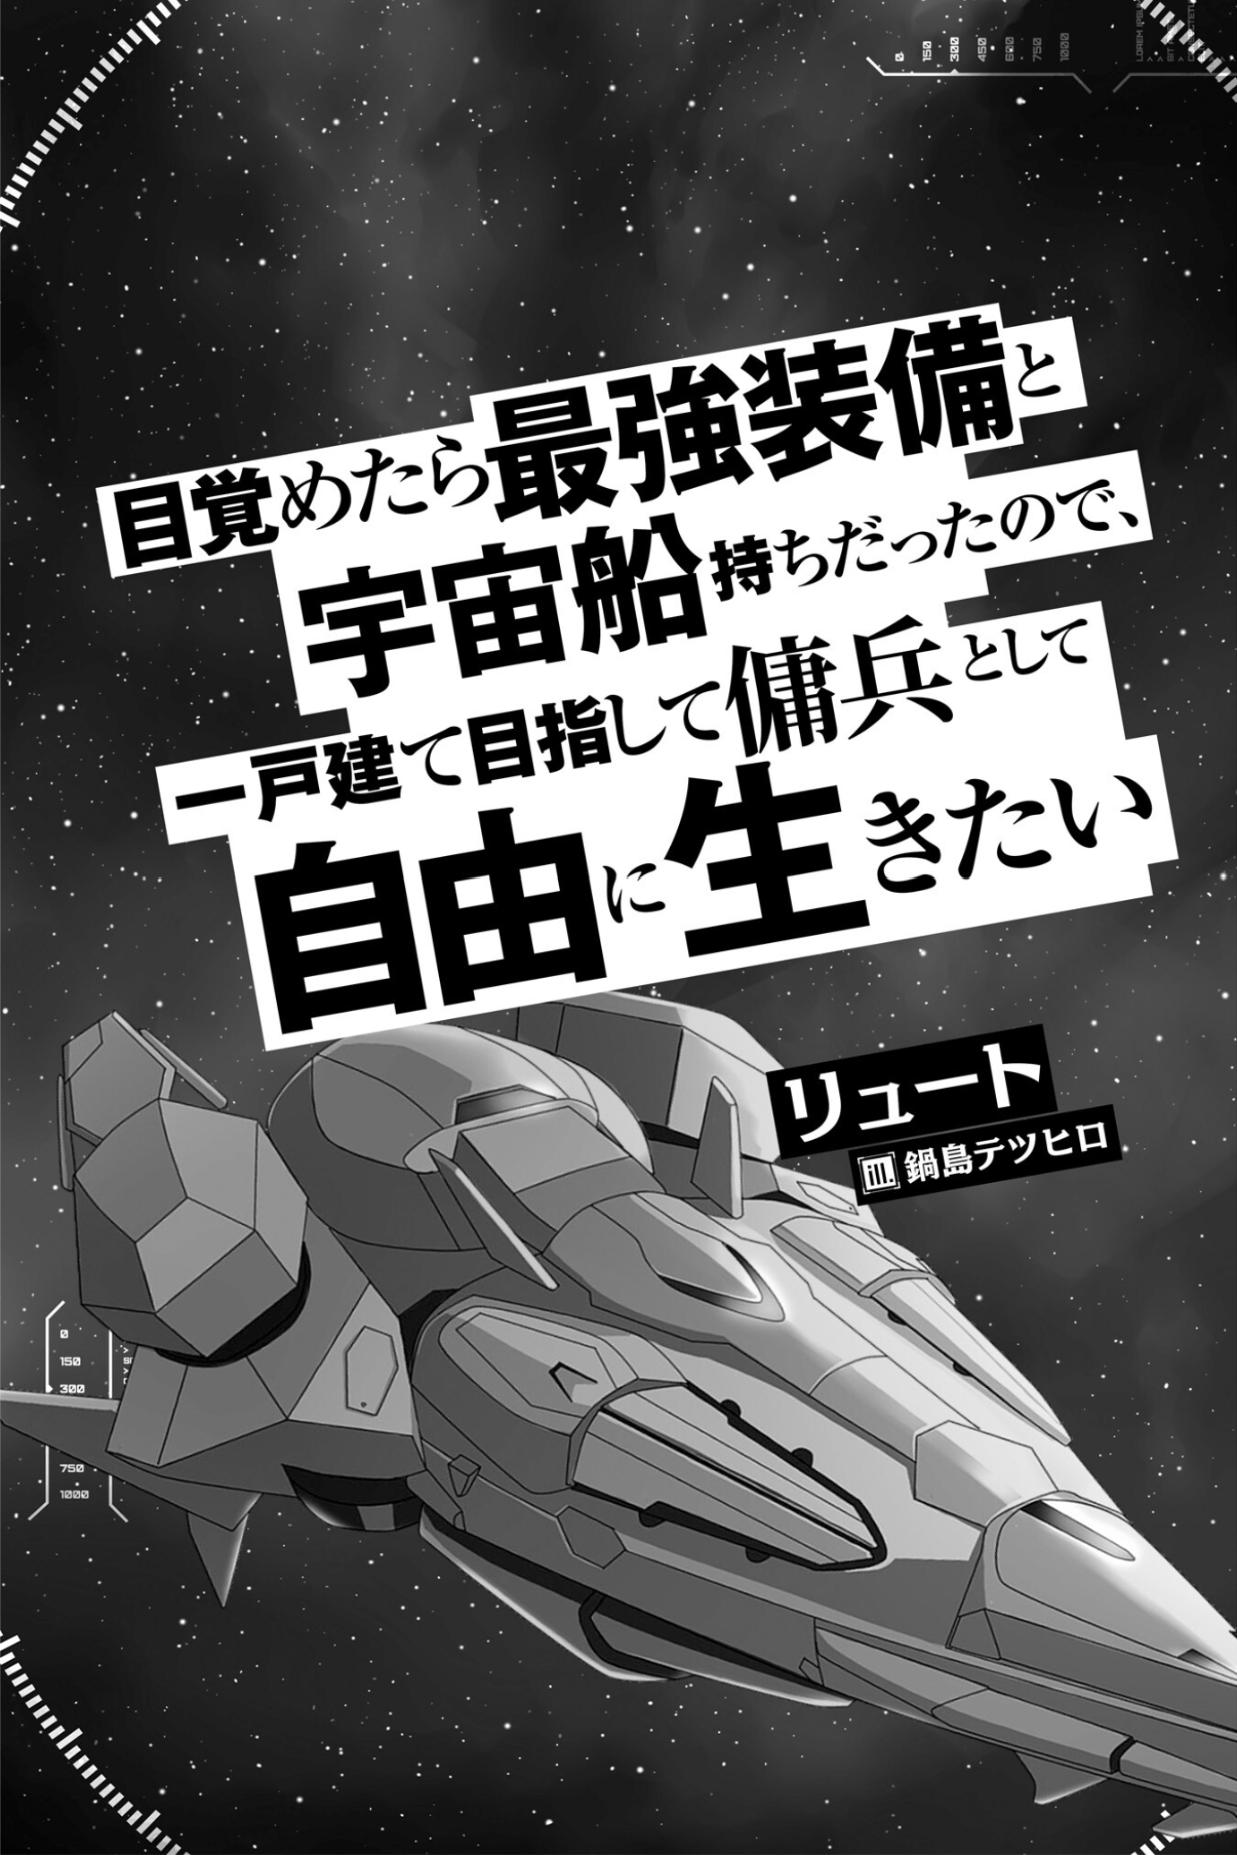 船 宇宙 最強 と 装備